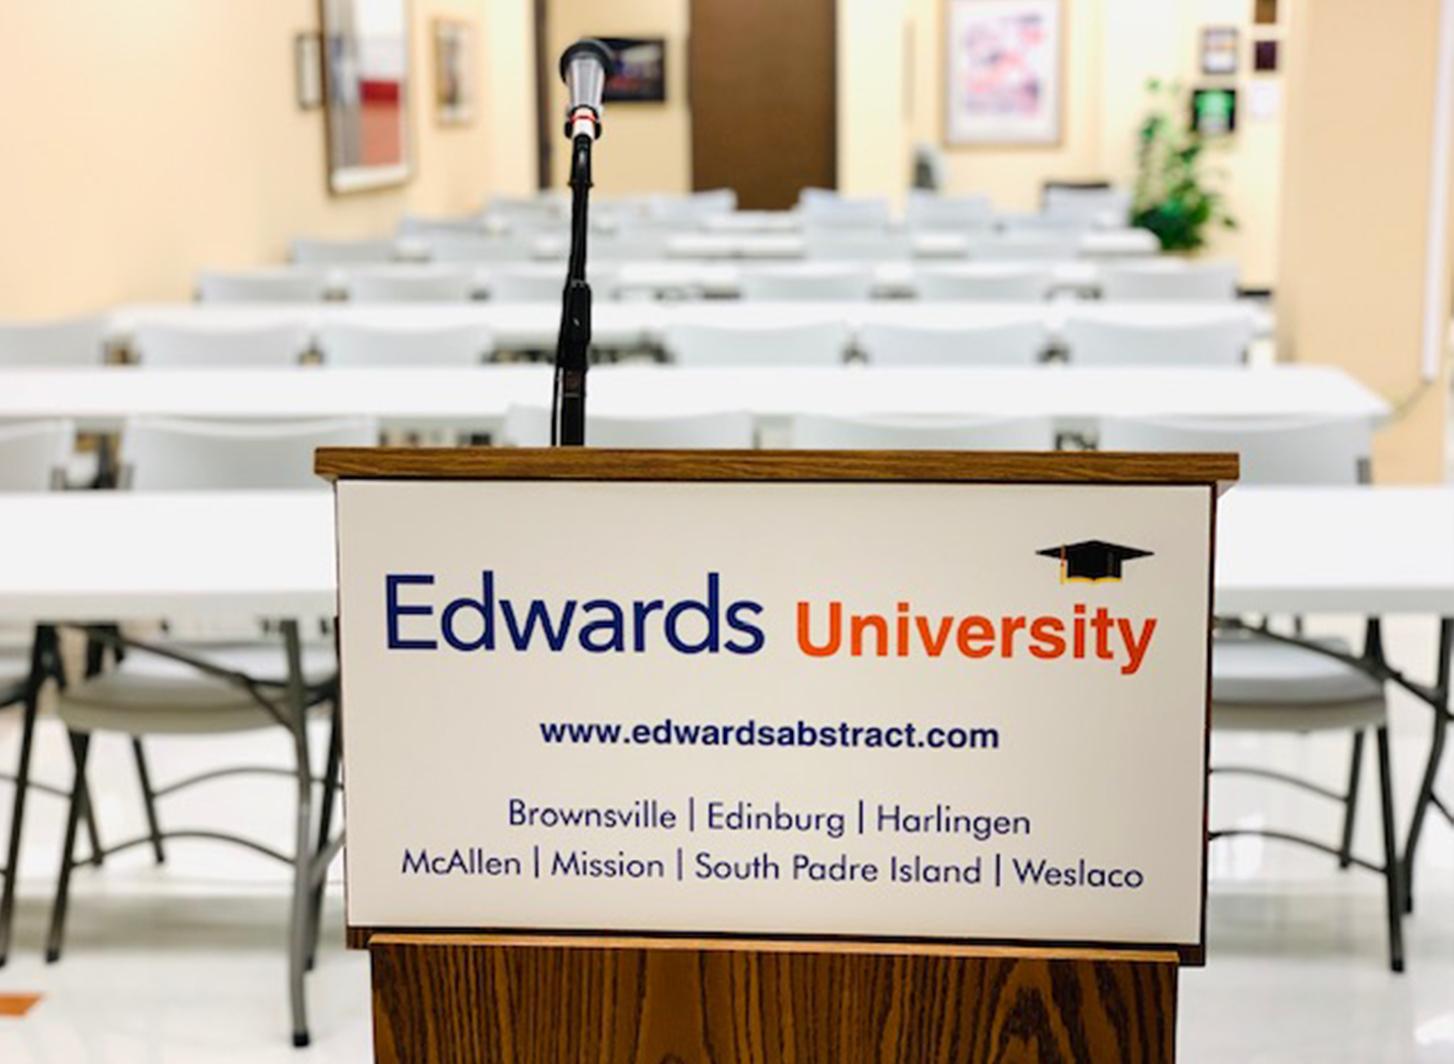 edwarduniversity